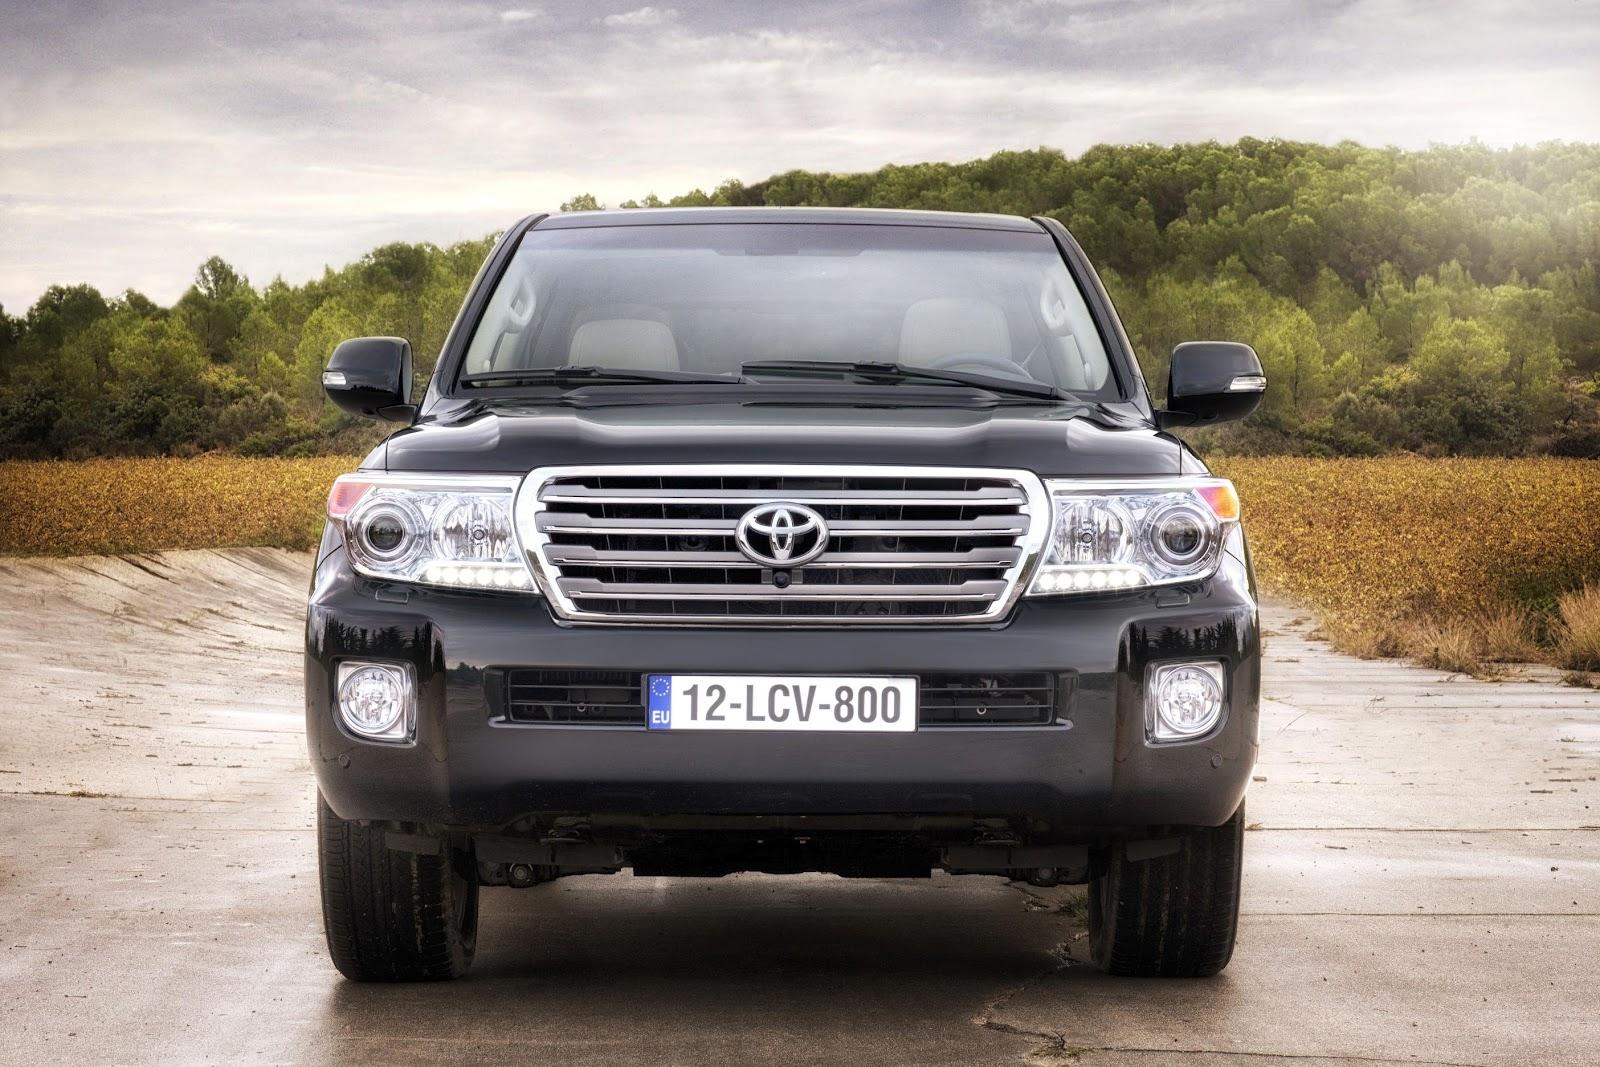 http://4.bp.blogspot.com/-HTFMidNfdAs/UAynw4rOFOI/AAAAAAAALmQ/DiT2Stxk8YI/s1600/Toyota+Land+Cruiser+V8+(1).jpg